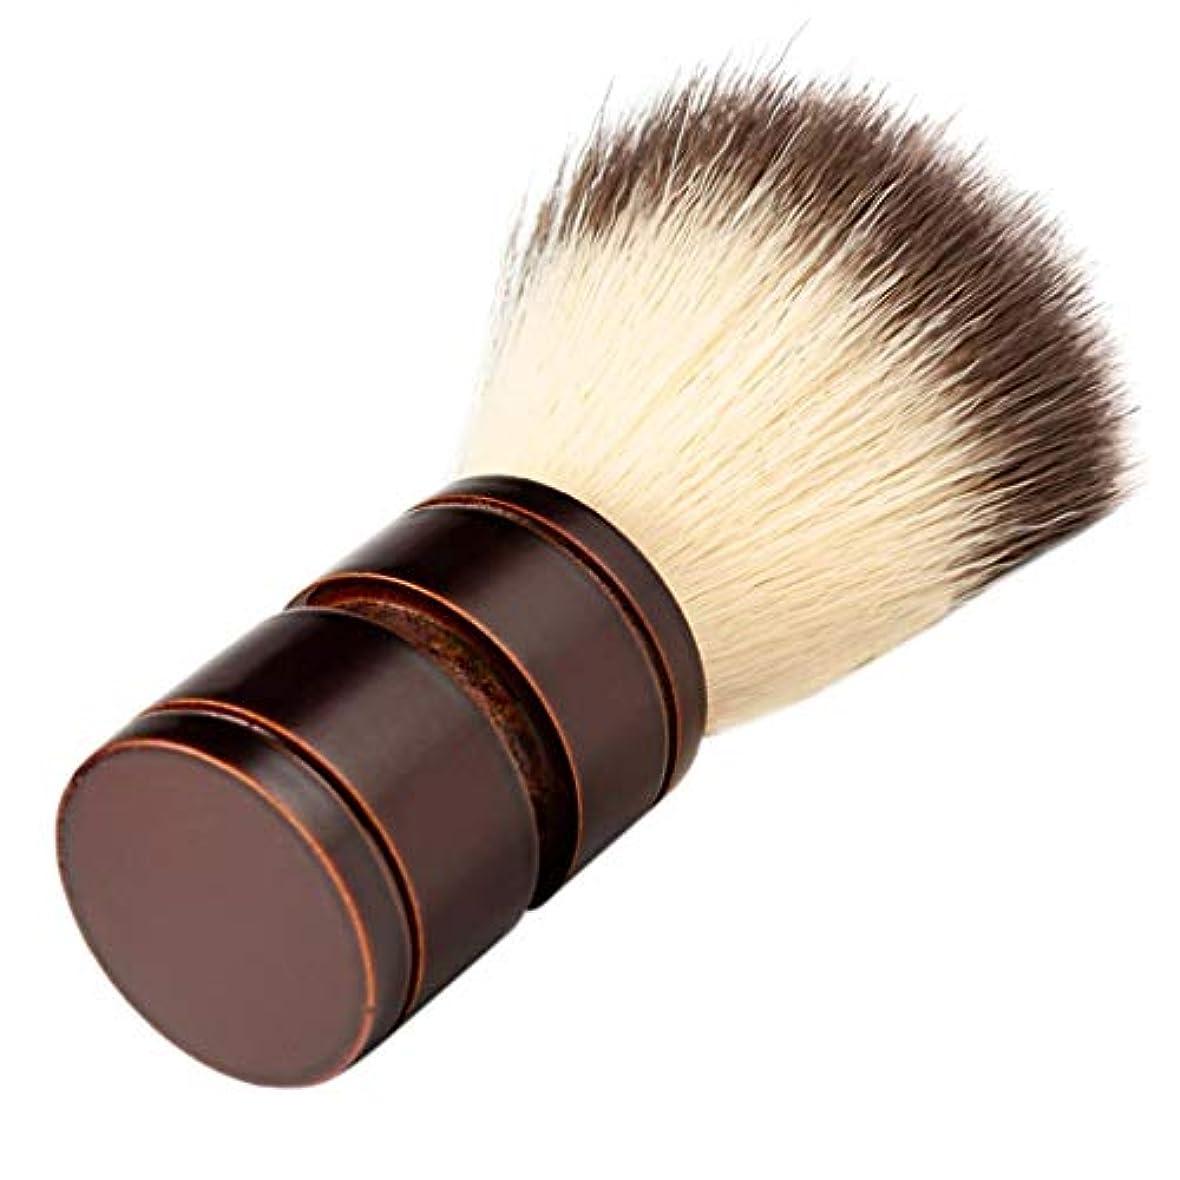 夜の動物園有効割り当てますひげブラシ シェービングブラシ ひげ剃り 柔らかい 髭剃り 泡立ち 理容 美容ツール